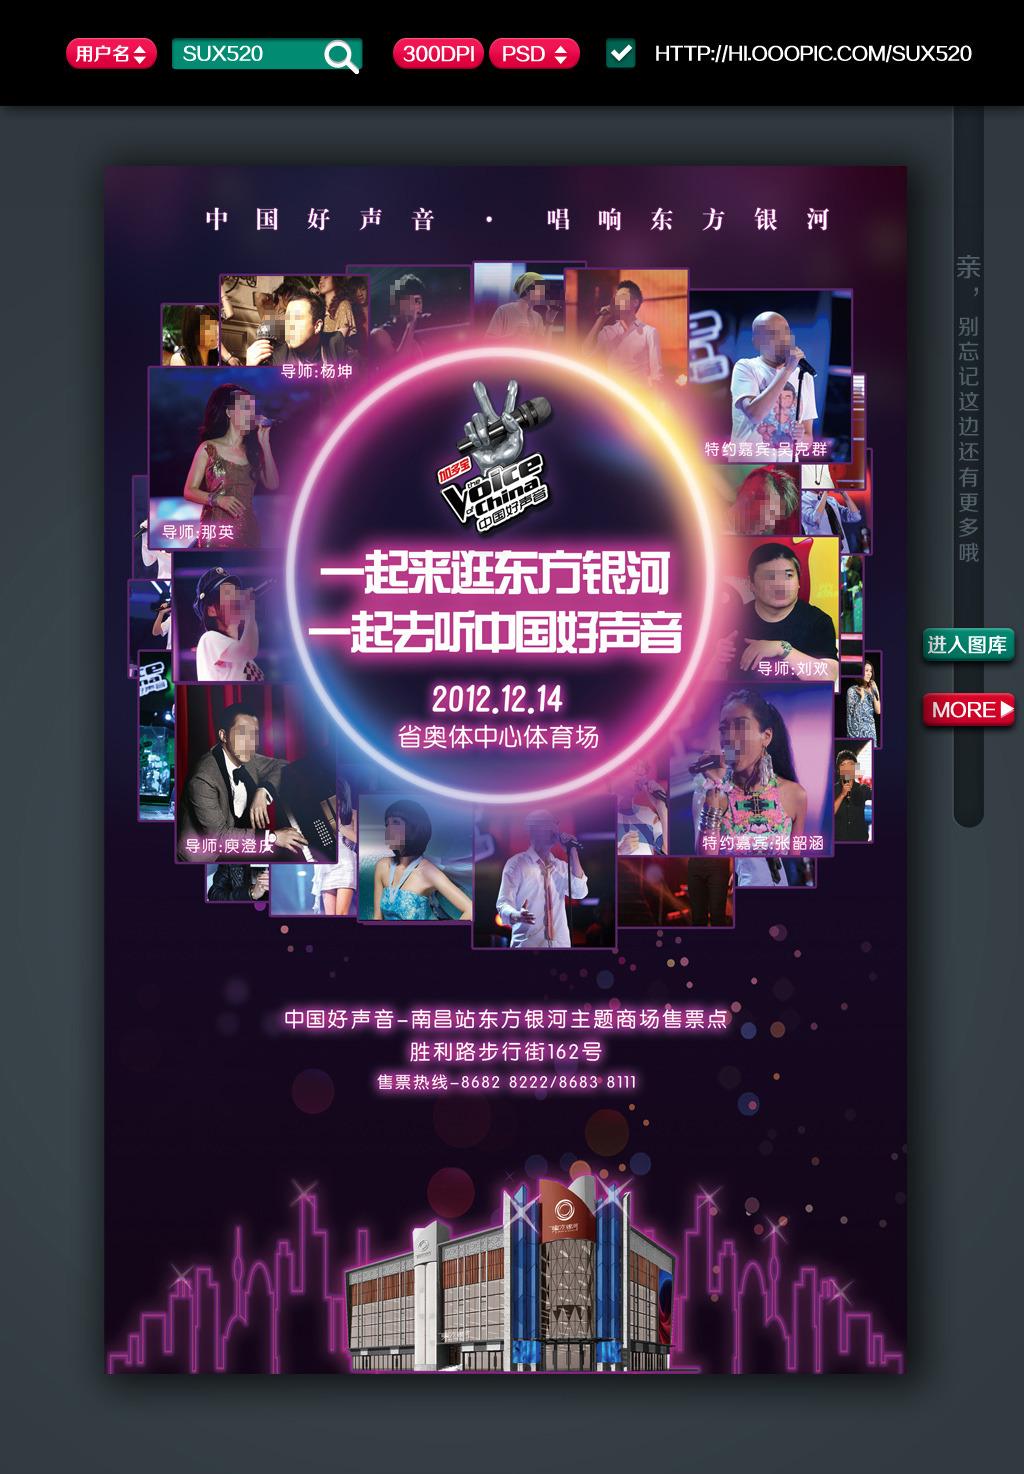 演唱会售票海报模板模板下载(图片编号:12341644)